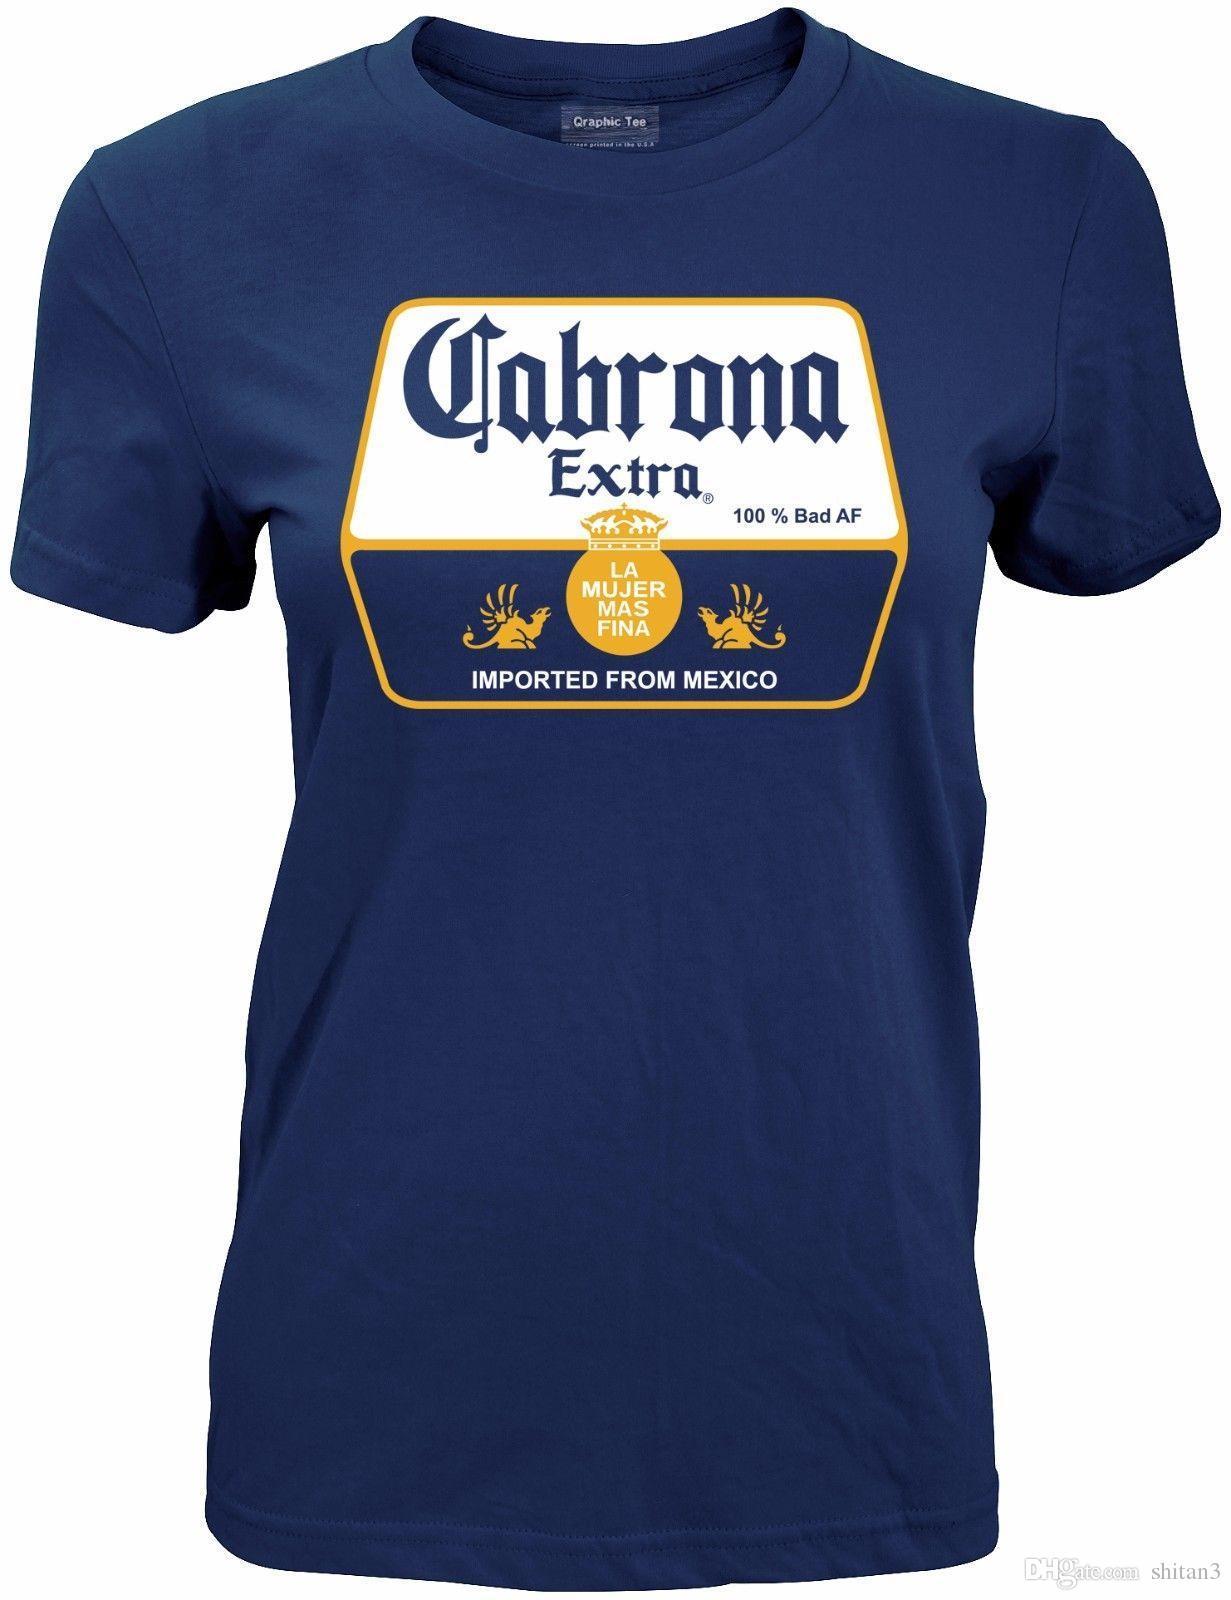 84b7cb3f02e28 Compre Camiseta Para Mujer Cabrona Extra